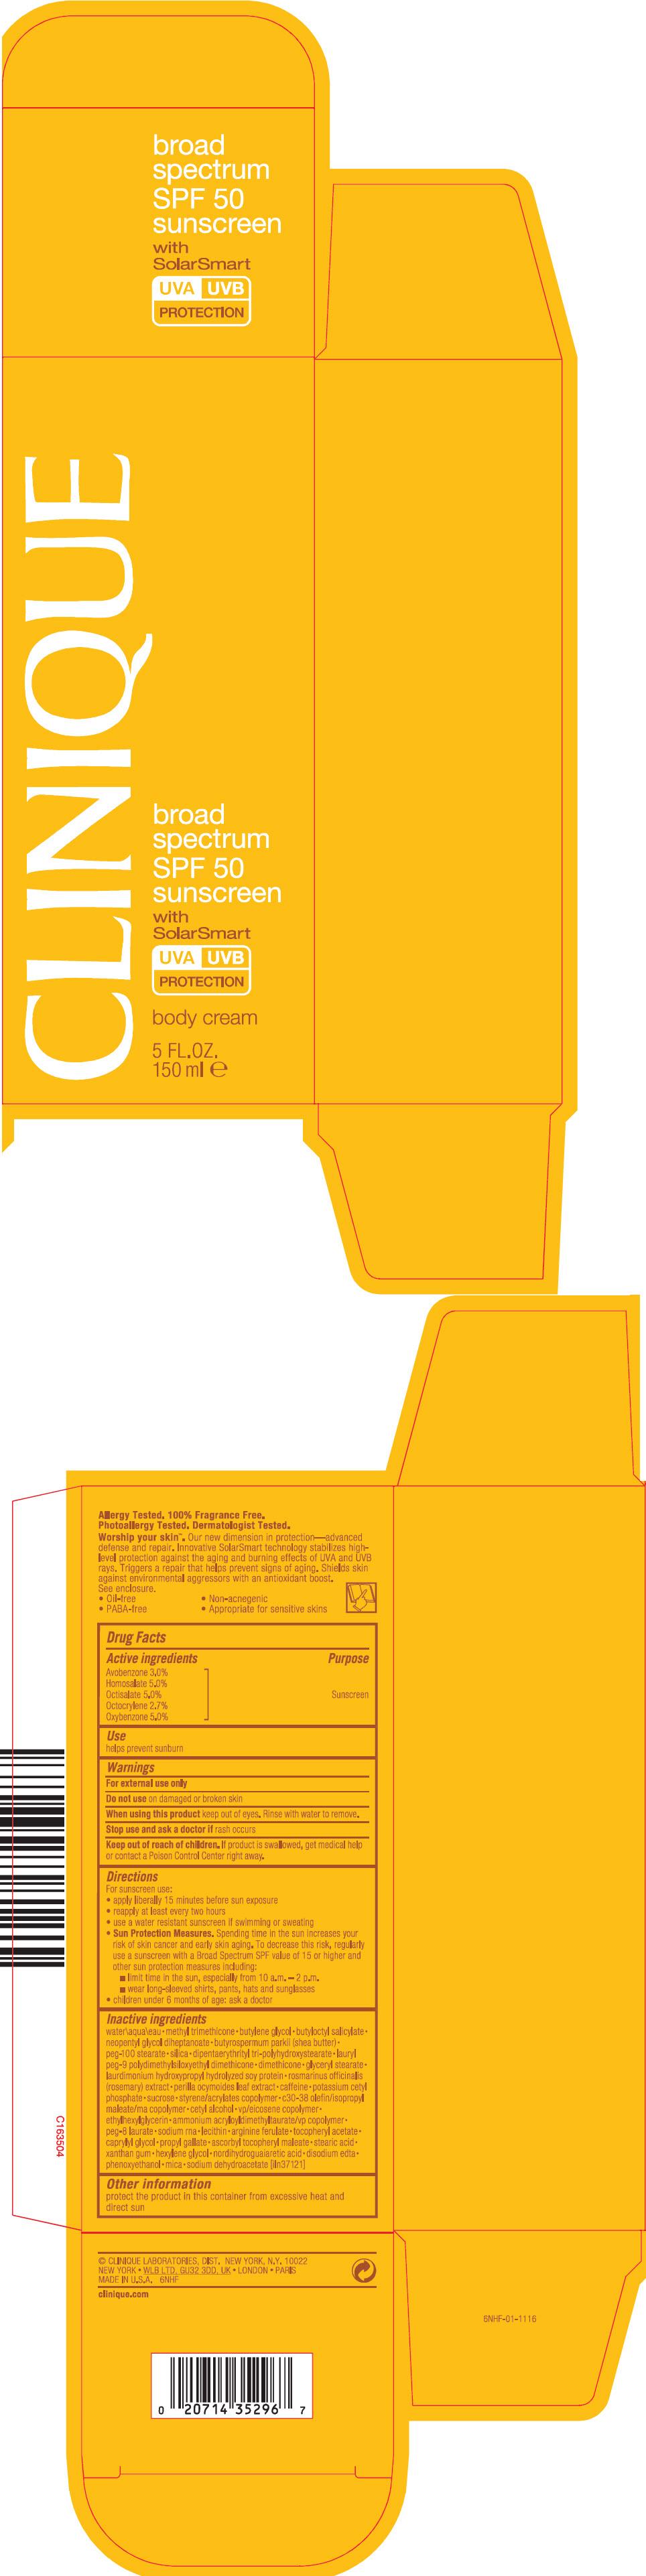 PRINCIPAL DISPLAY PANEL - 150 ml Tube Carton